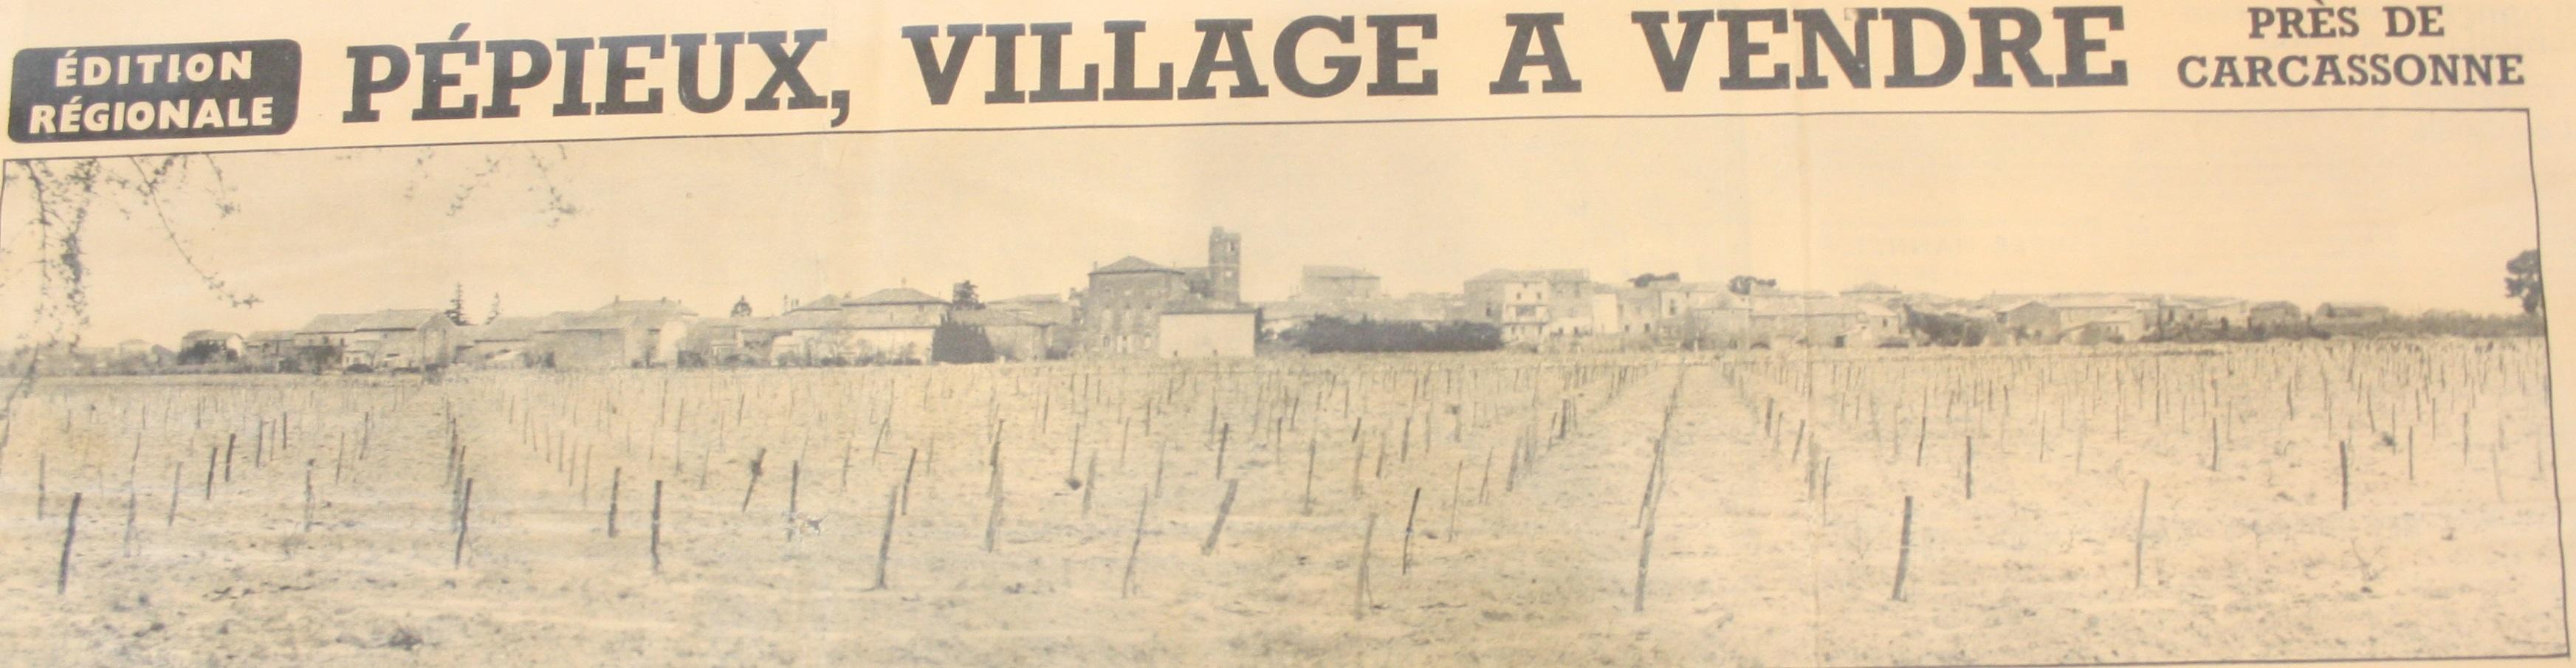 Pépieux village à vendre